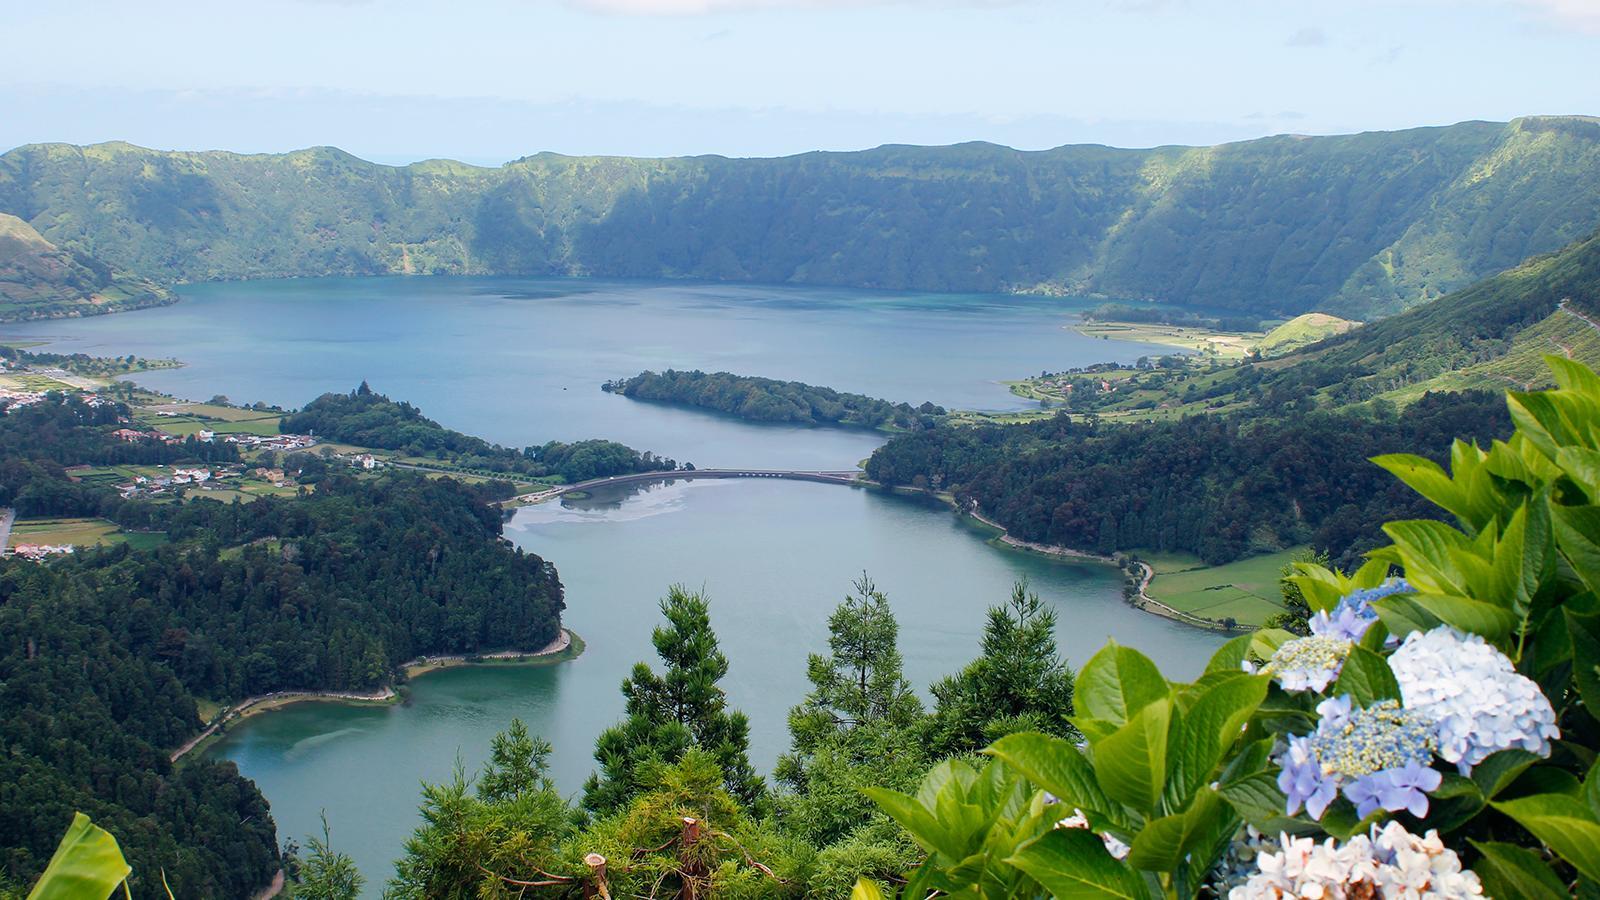 Lagoas das Sete Cidades em S. Miguel, Açores